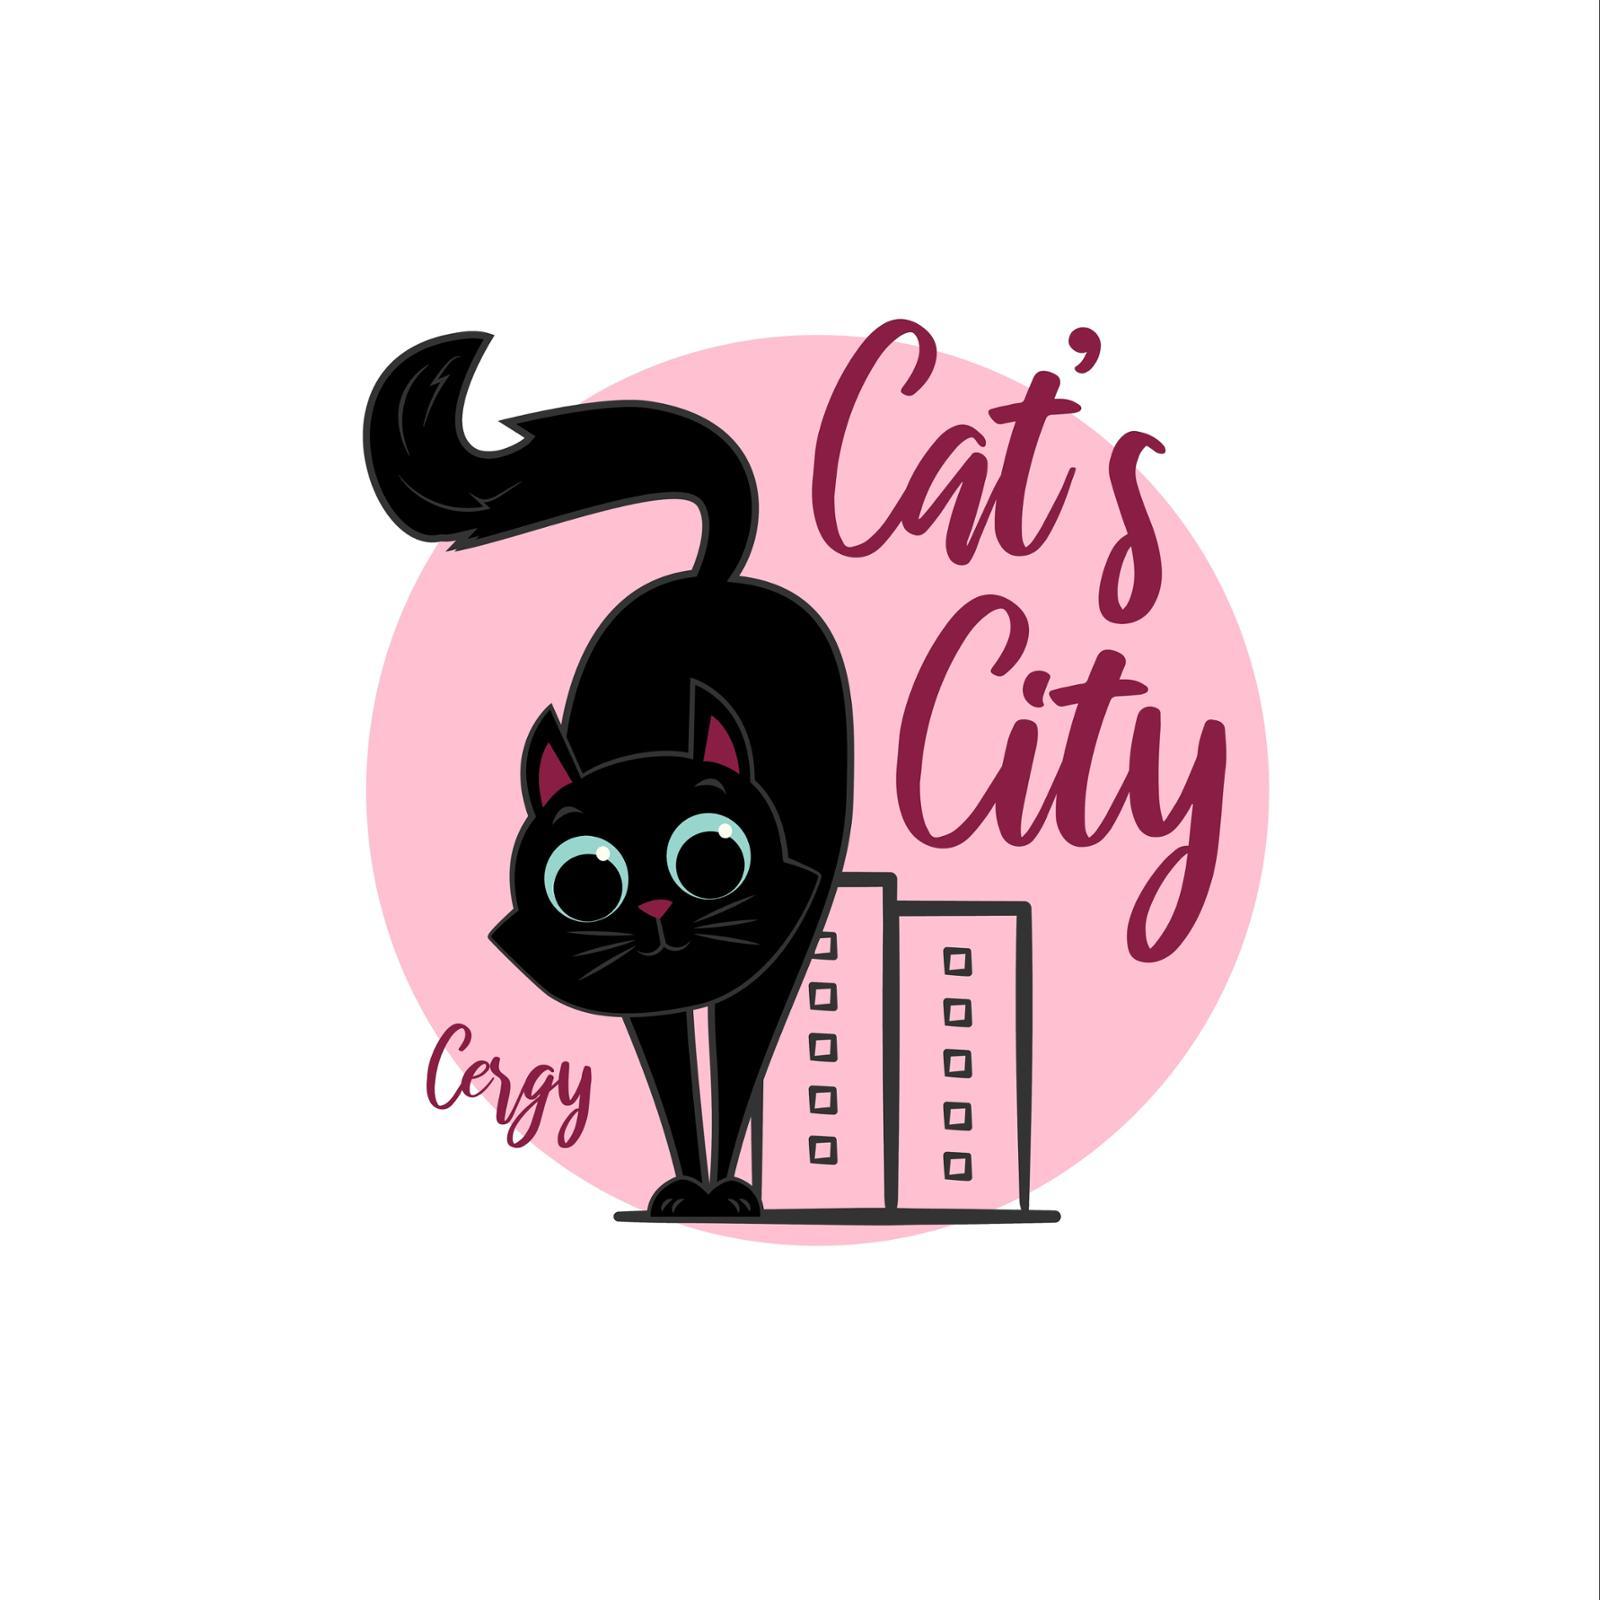 Cats'city - l'école du chat de cergy